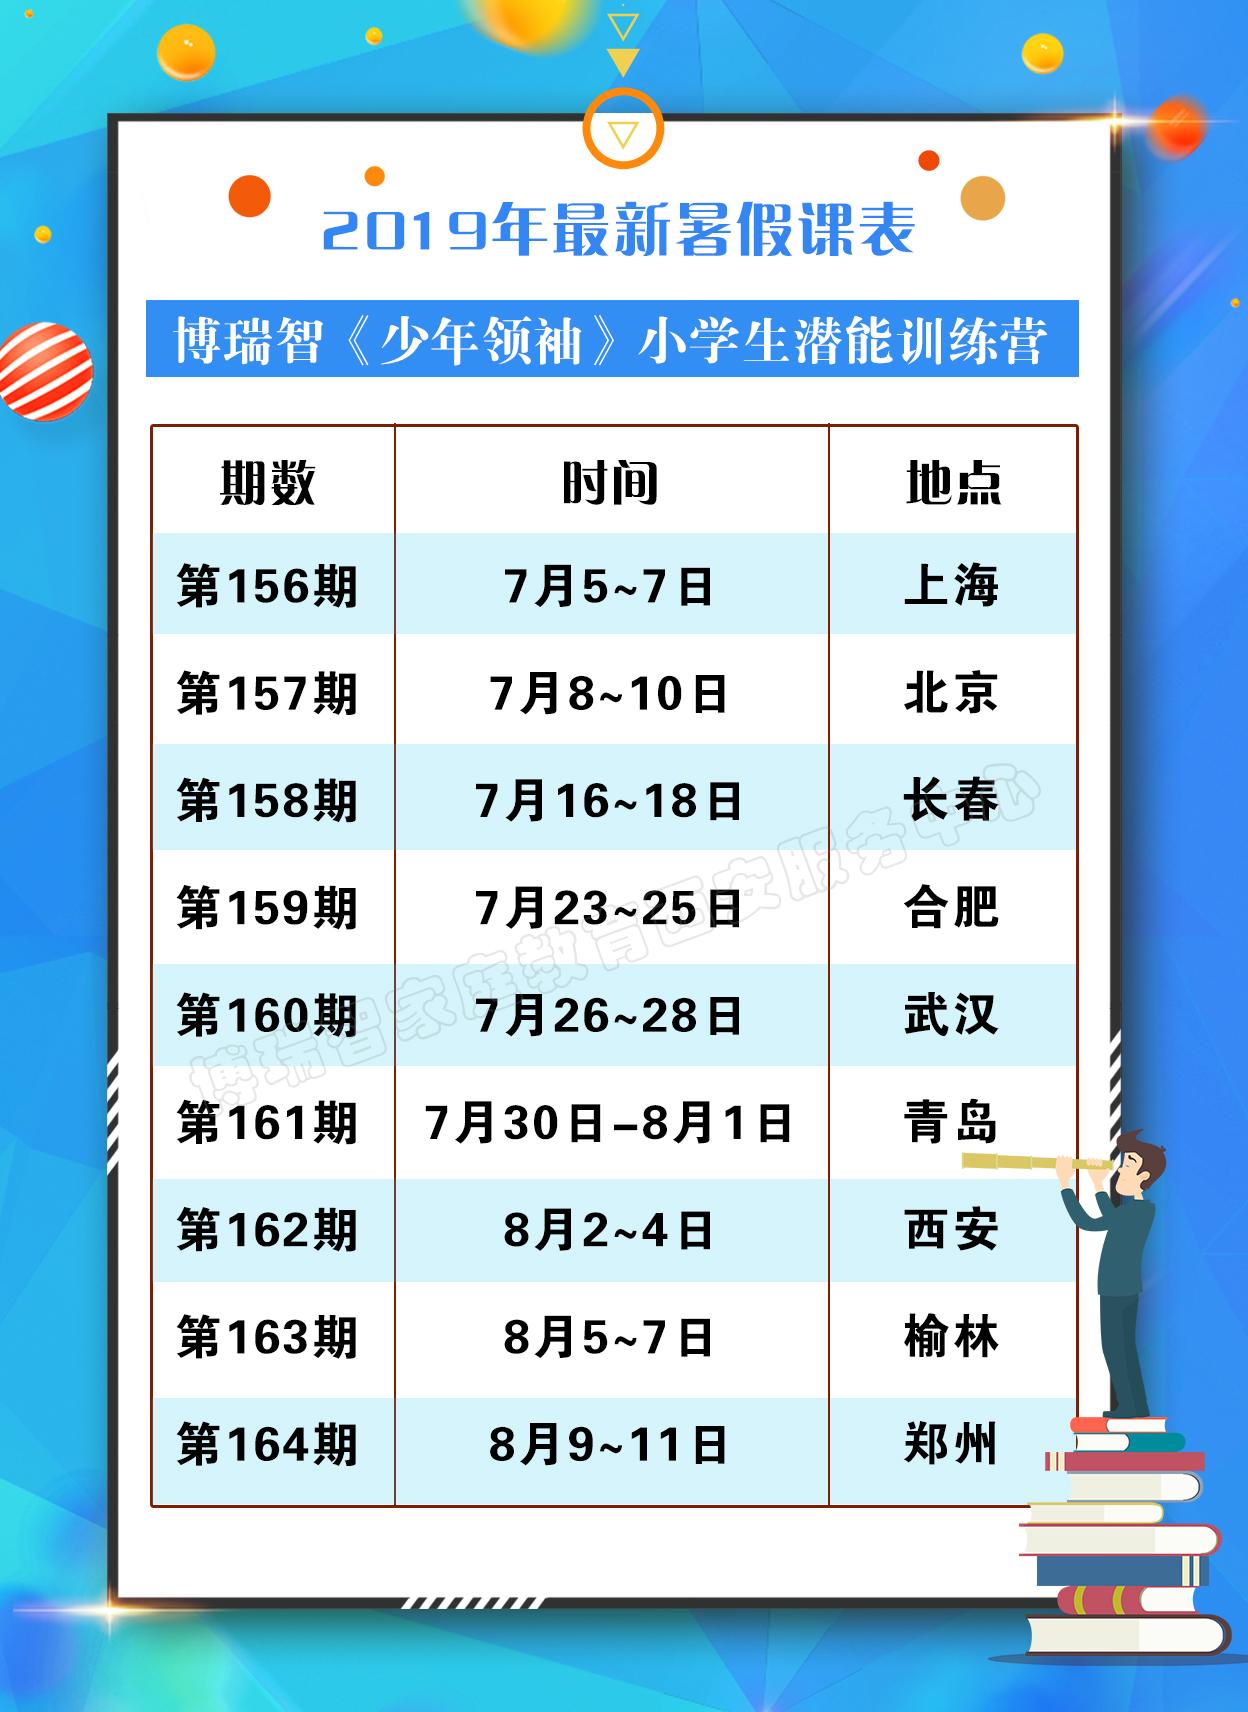 【2019暑假】:博瑞智中小学生训练营2019暑假假全国火爆招生中……